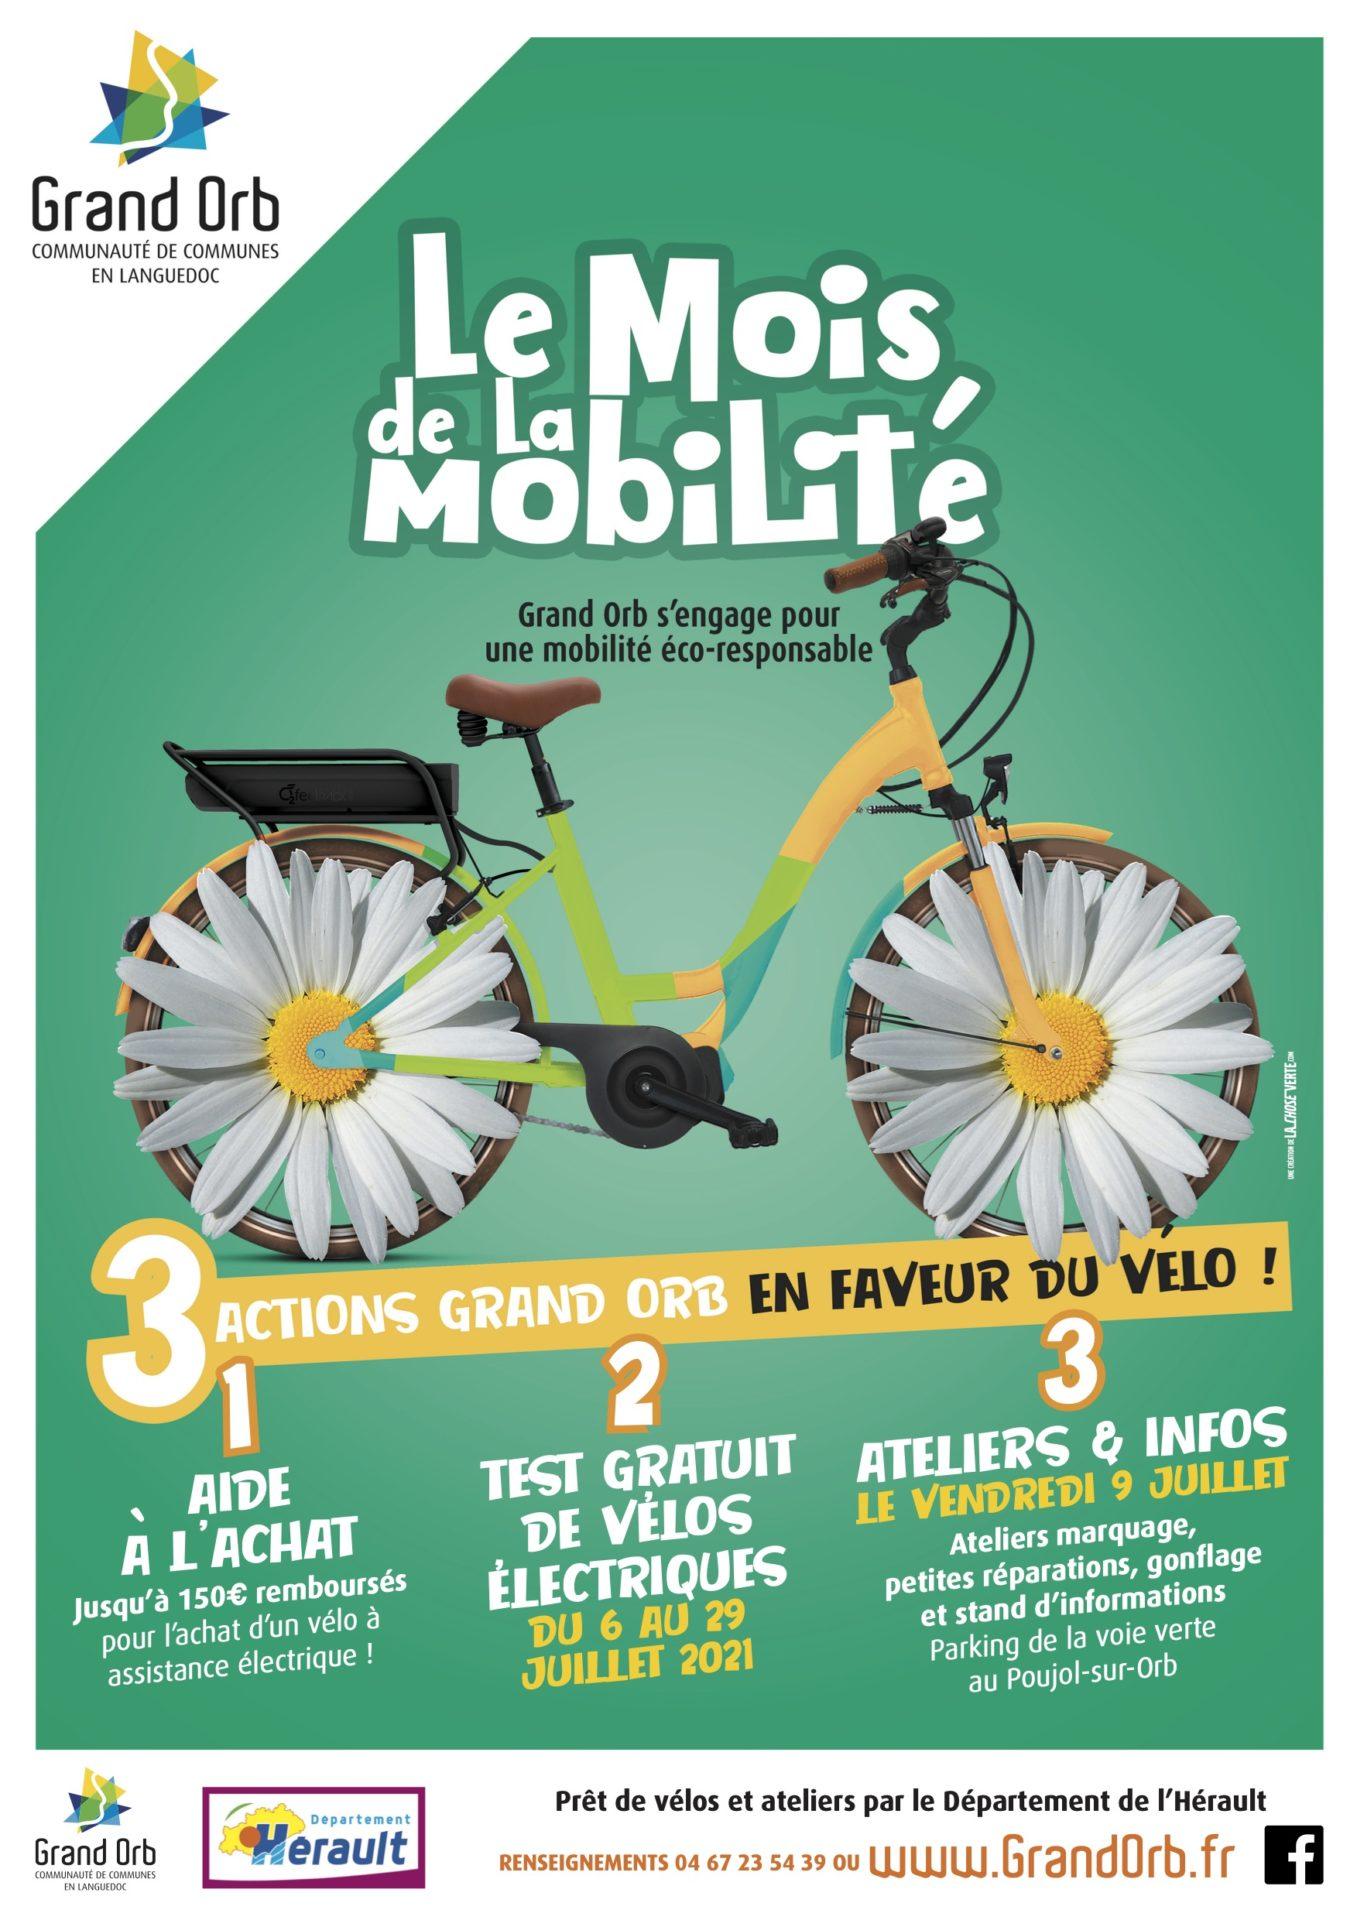 Le mois de la mobilité